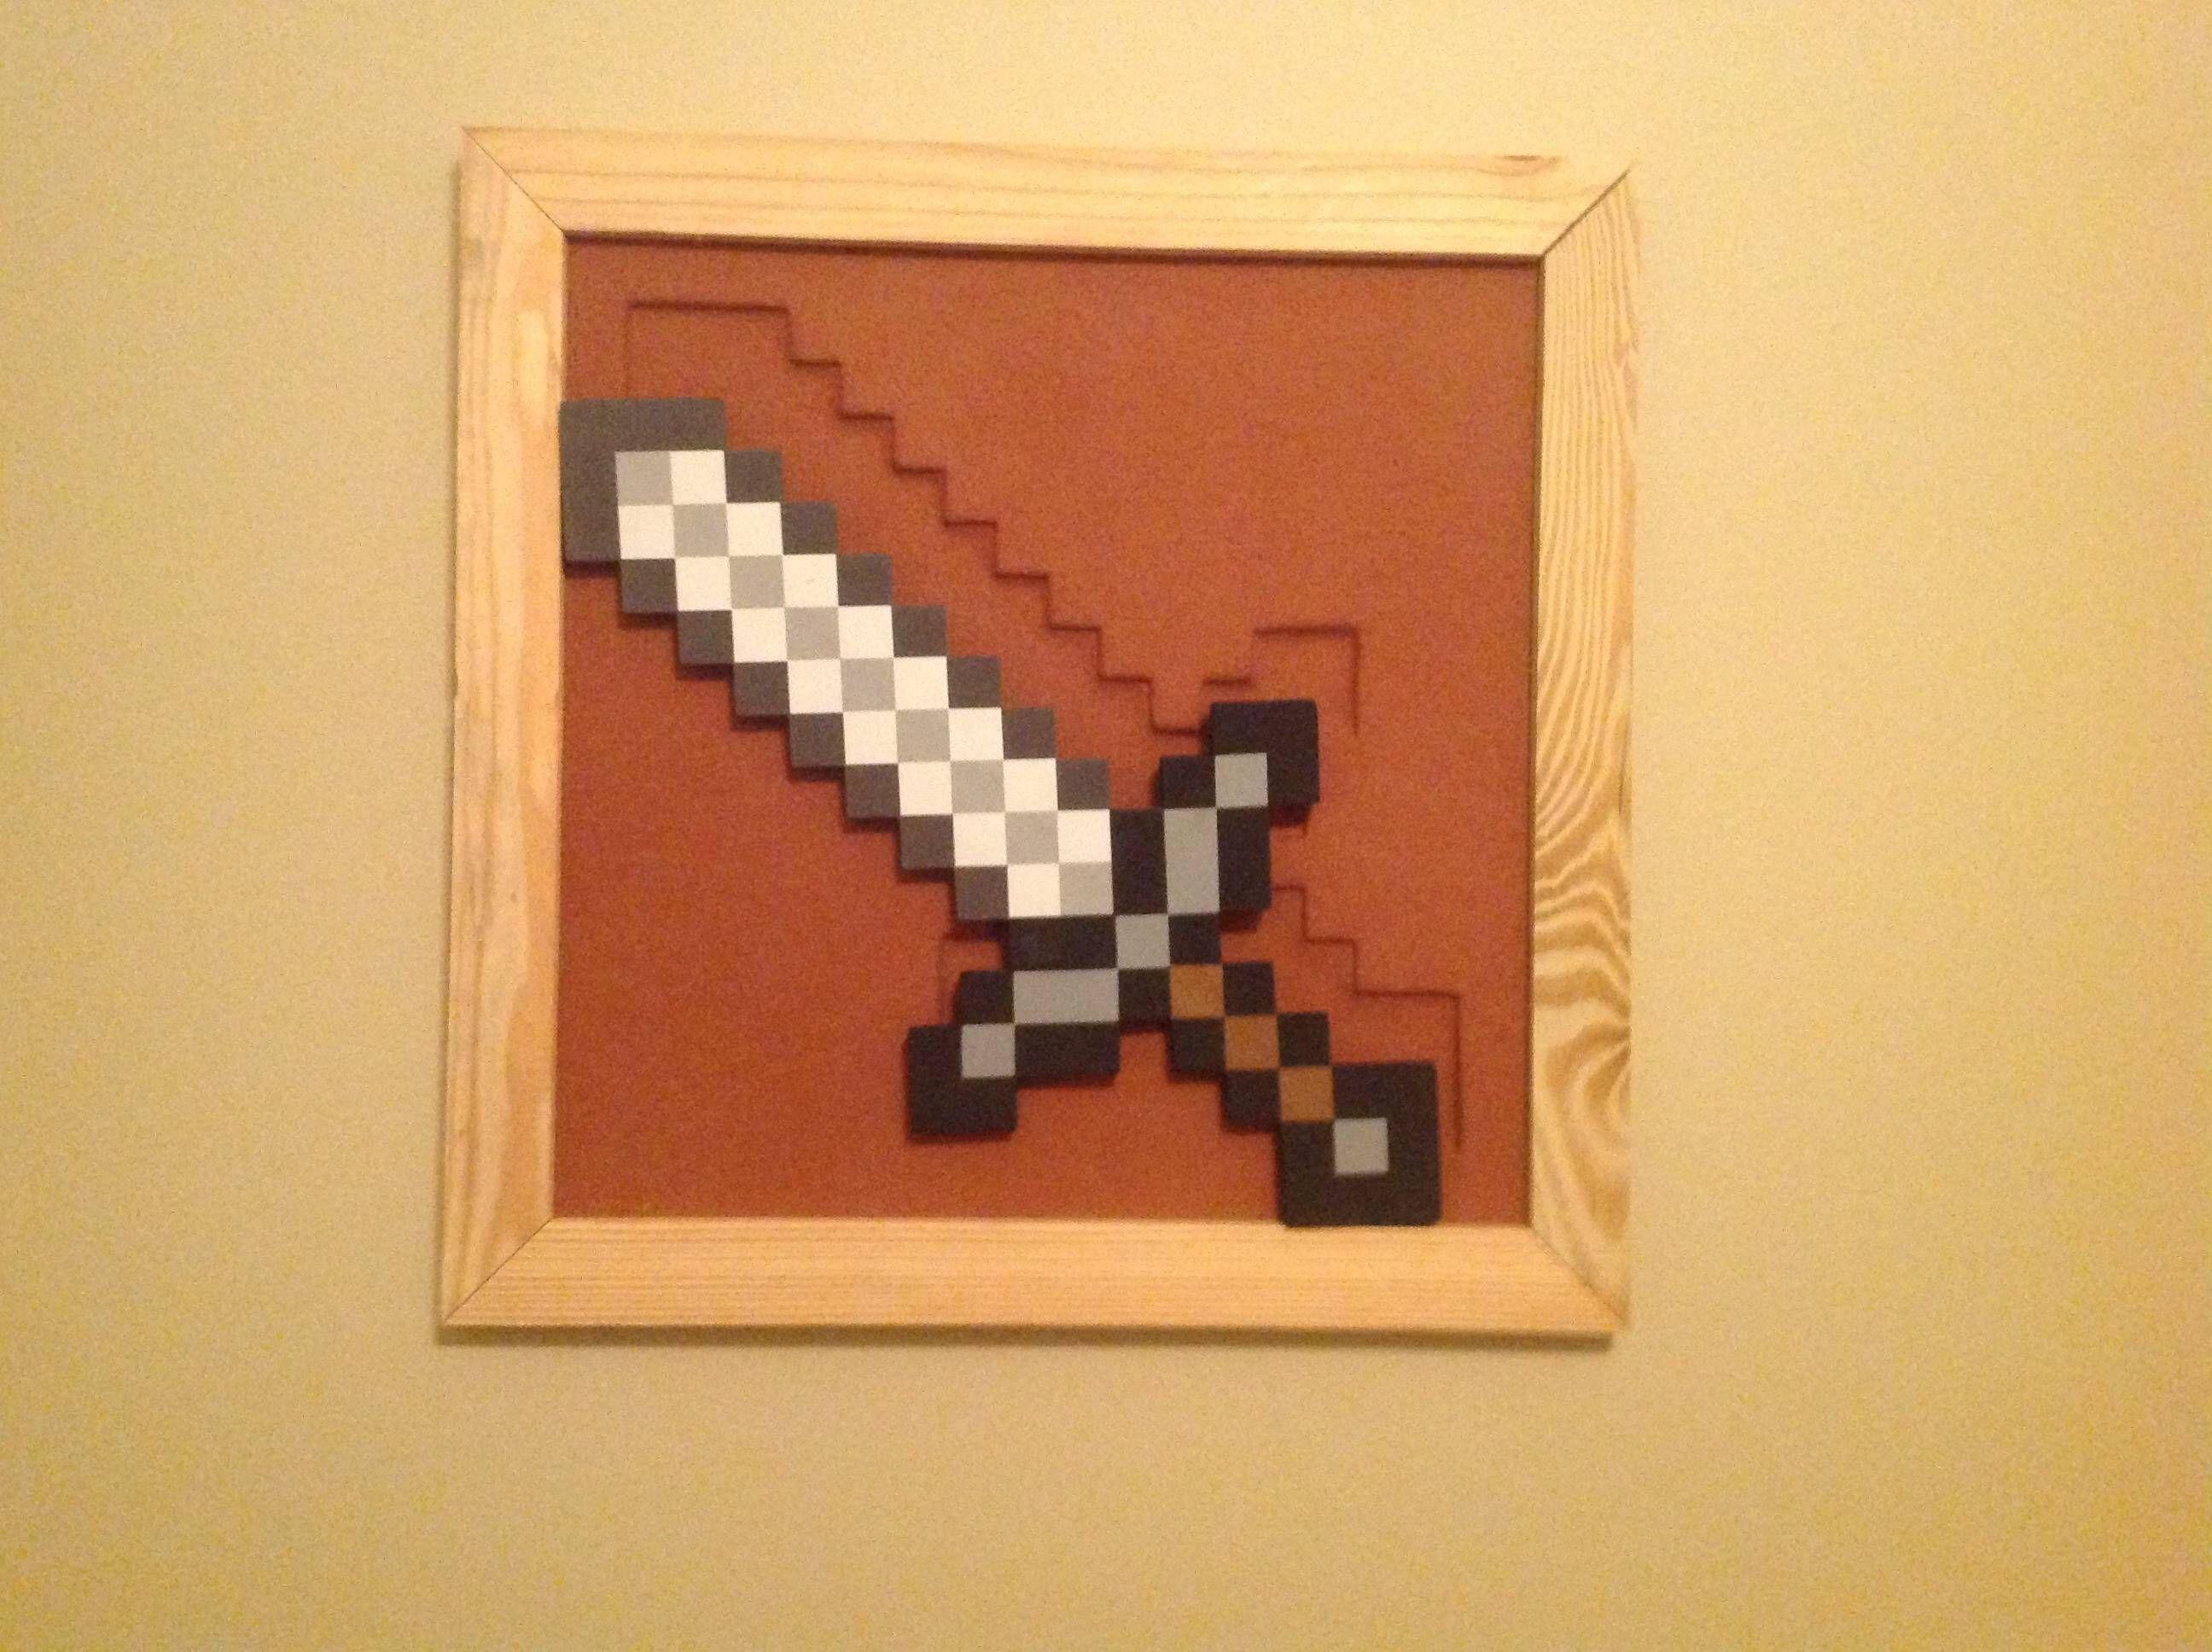 Minecraft Item Frame IRL! - Other Fan Art - Fan Art - Show